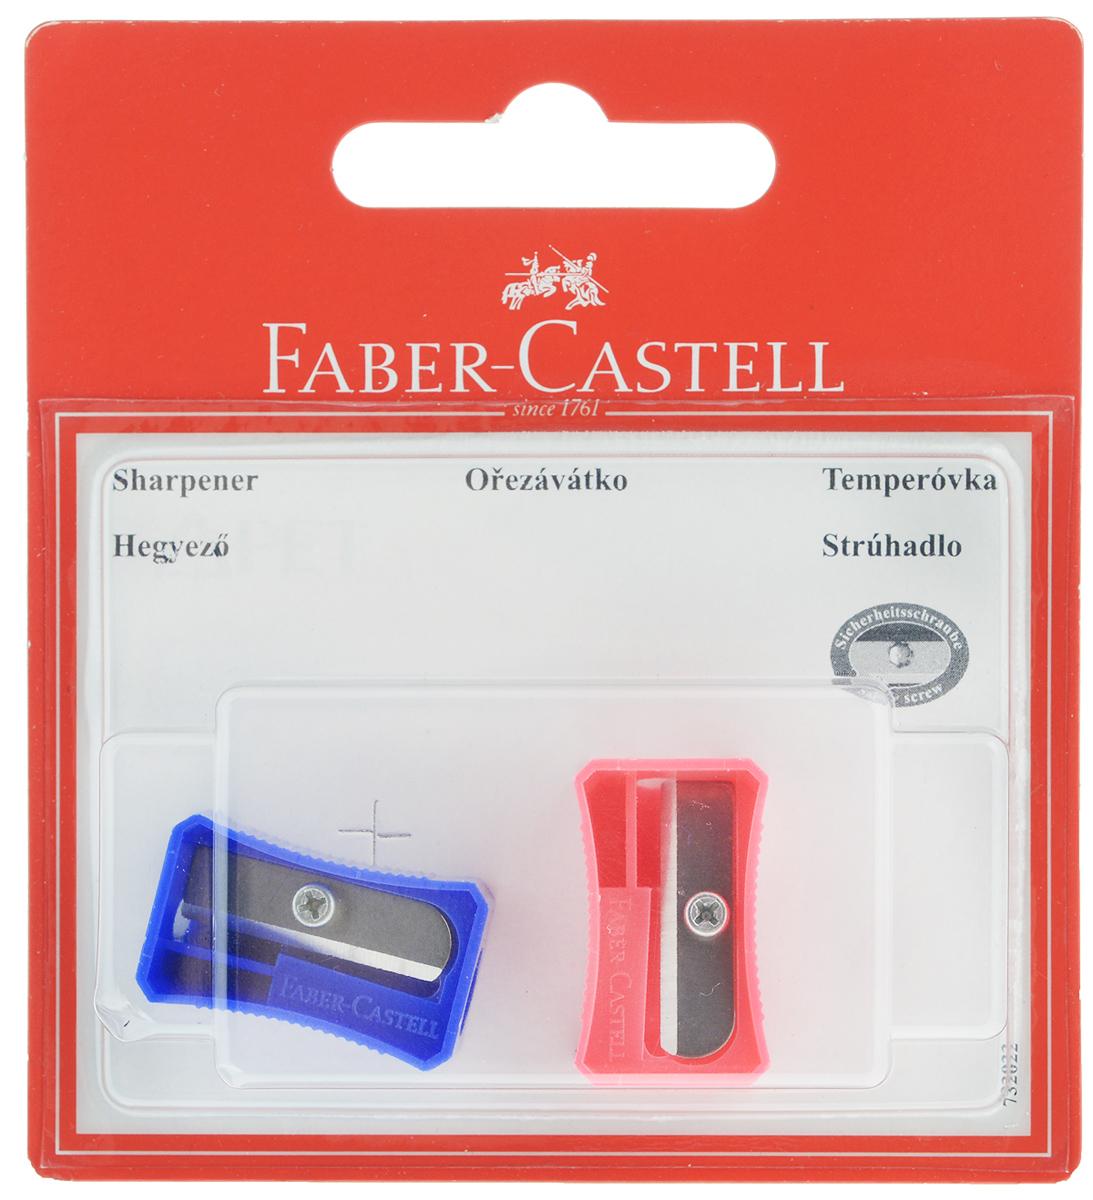 Faber-Castell Точилка цвет синий розовый 2 шт263221_синий, розовыйНабор точилок Faber-Castell предназначен для затачивания классических простых и цветных карандашей. В наборе две точилки из прочного пластика с рифленой областью захвата. Острые стальные лезвия обеспечивают высококачественную и точную заточку деревянных карандашей.